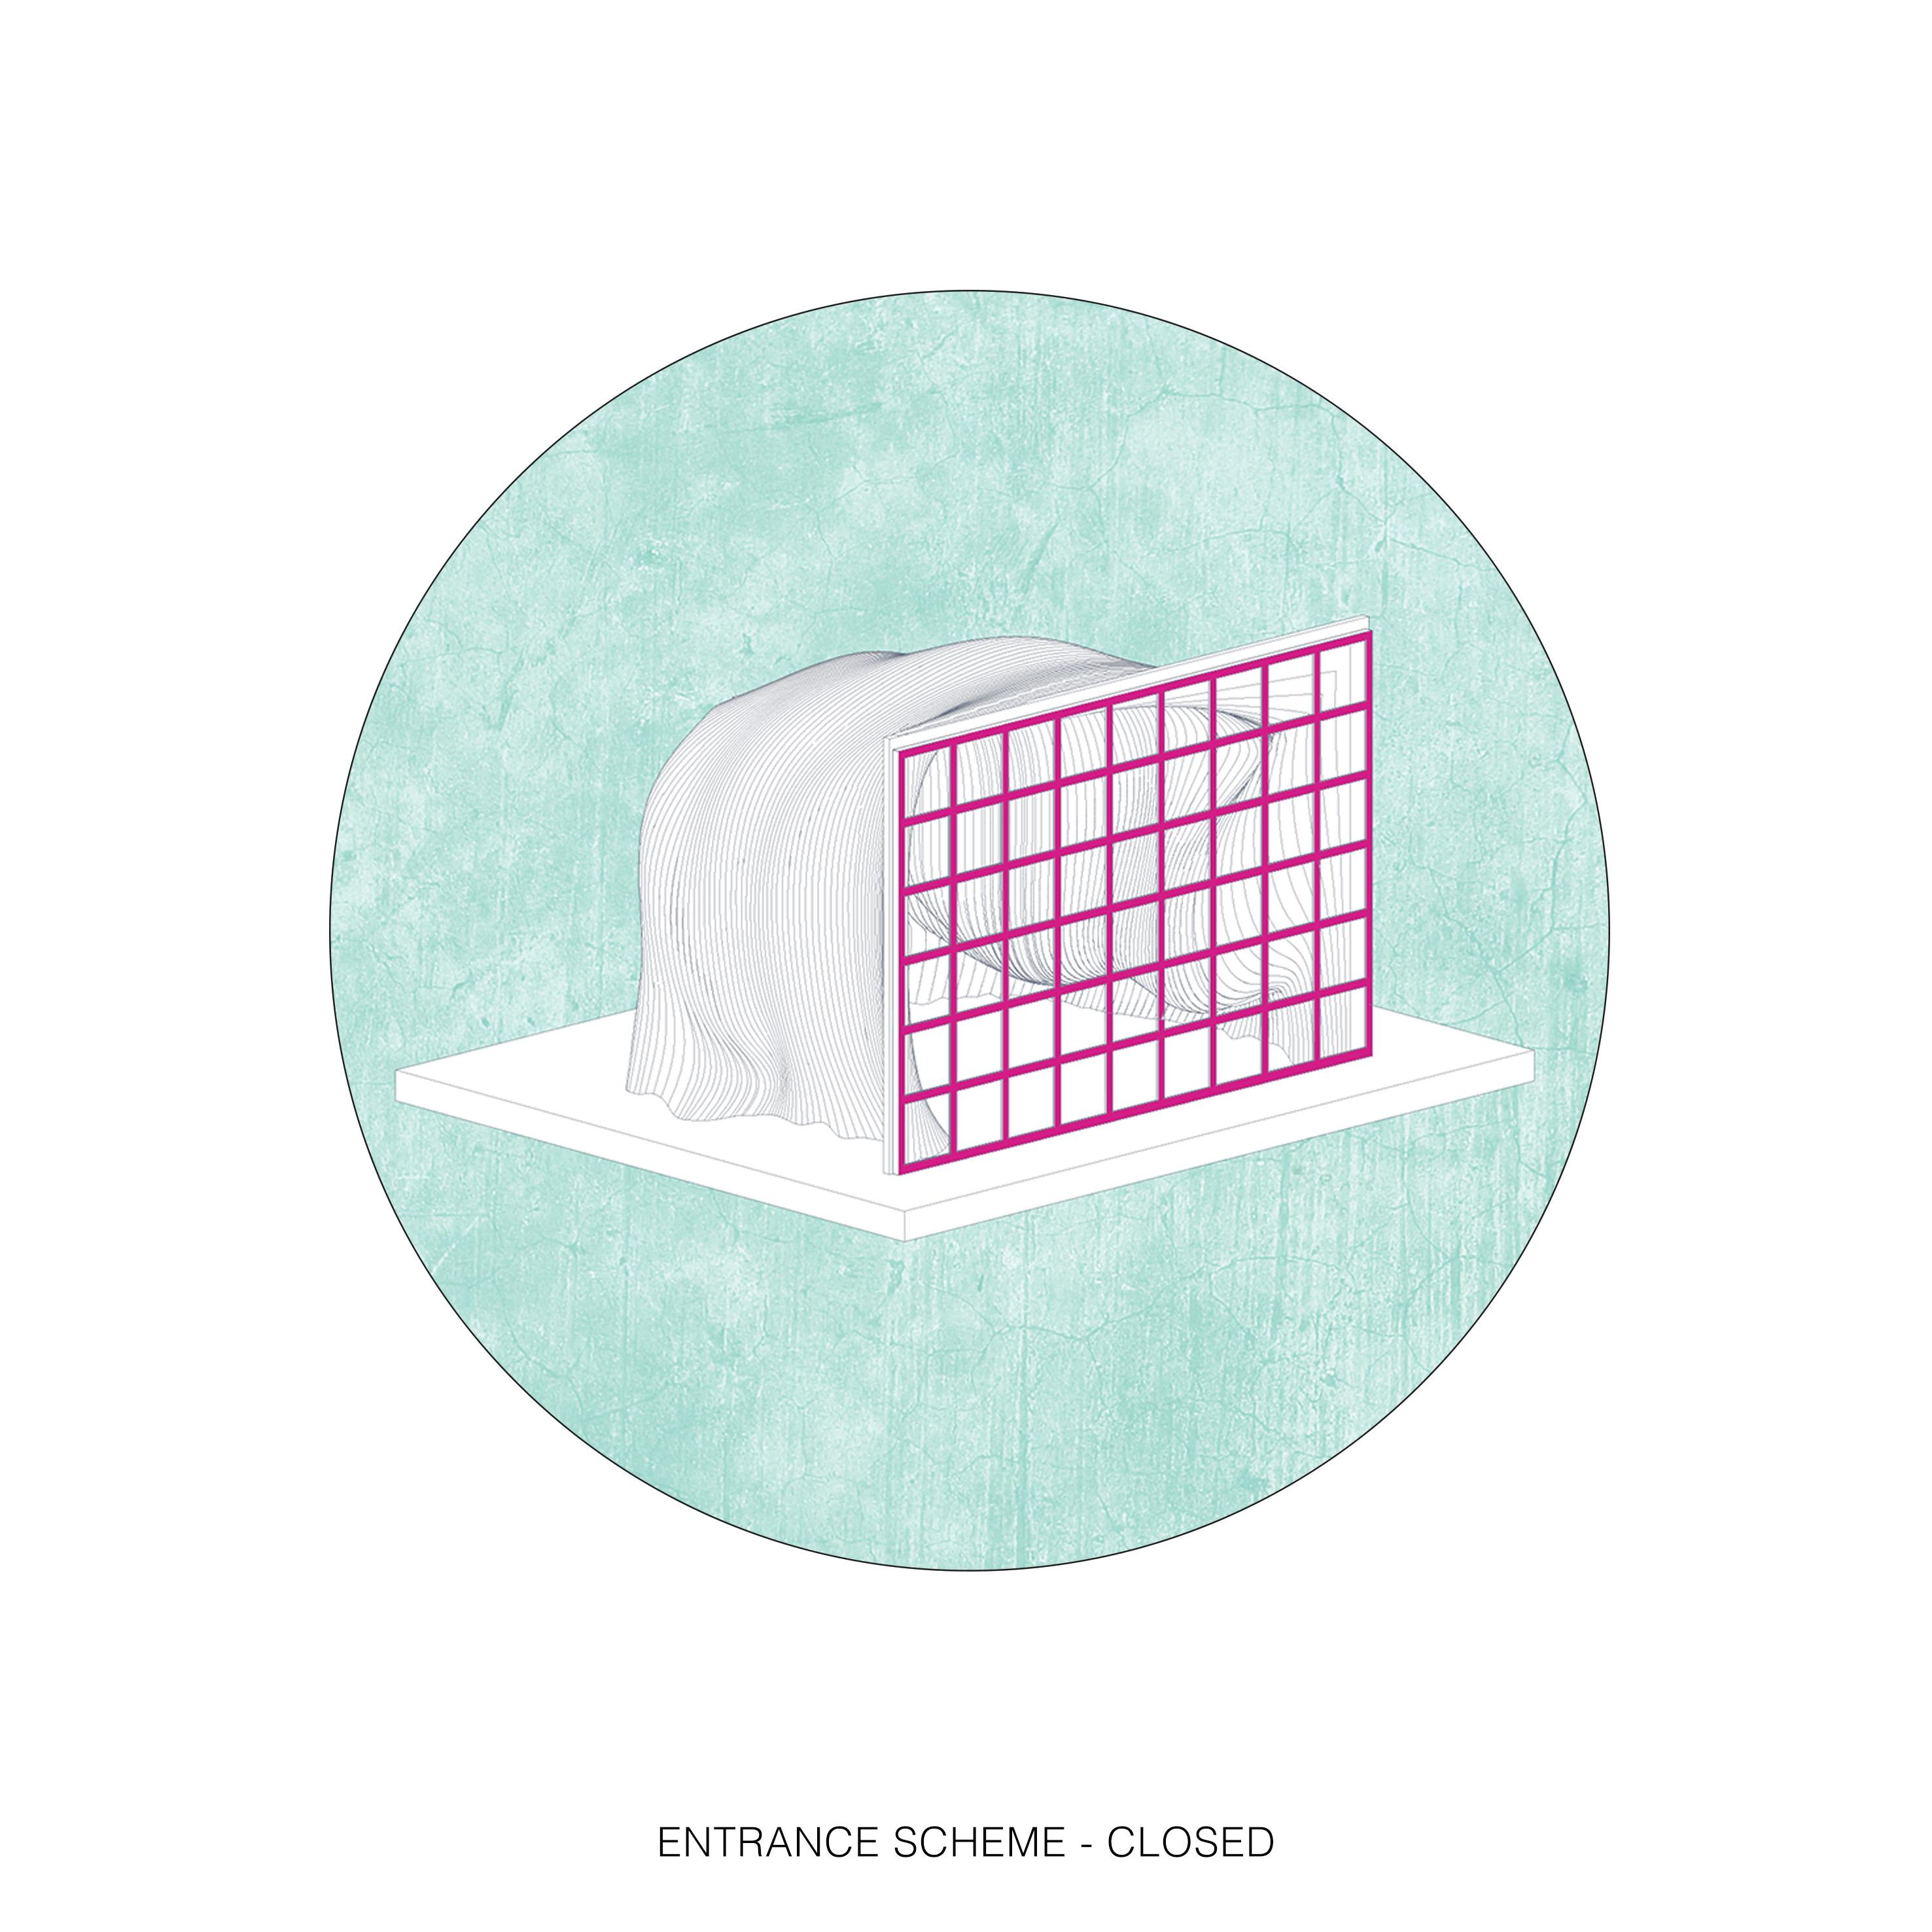 14_ENTRANCE SCHEME – CLOSED